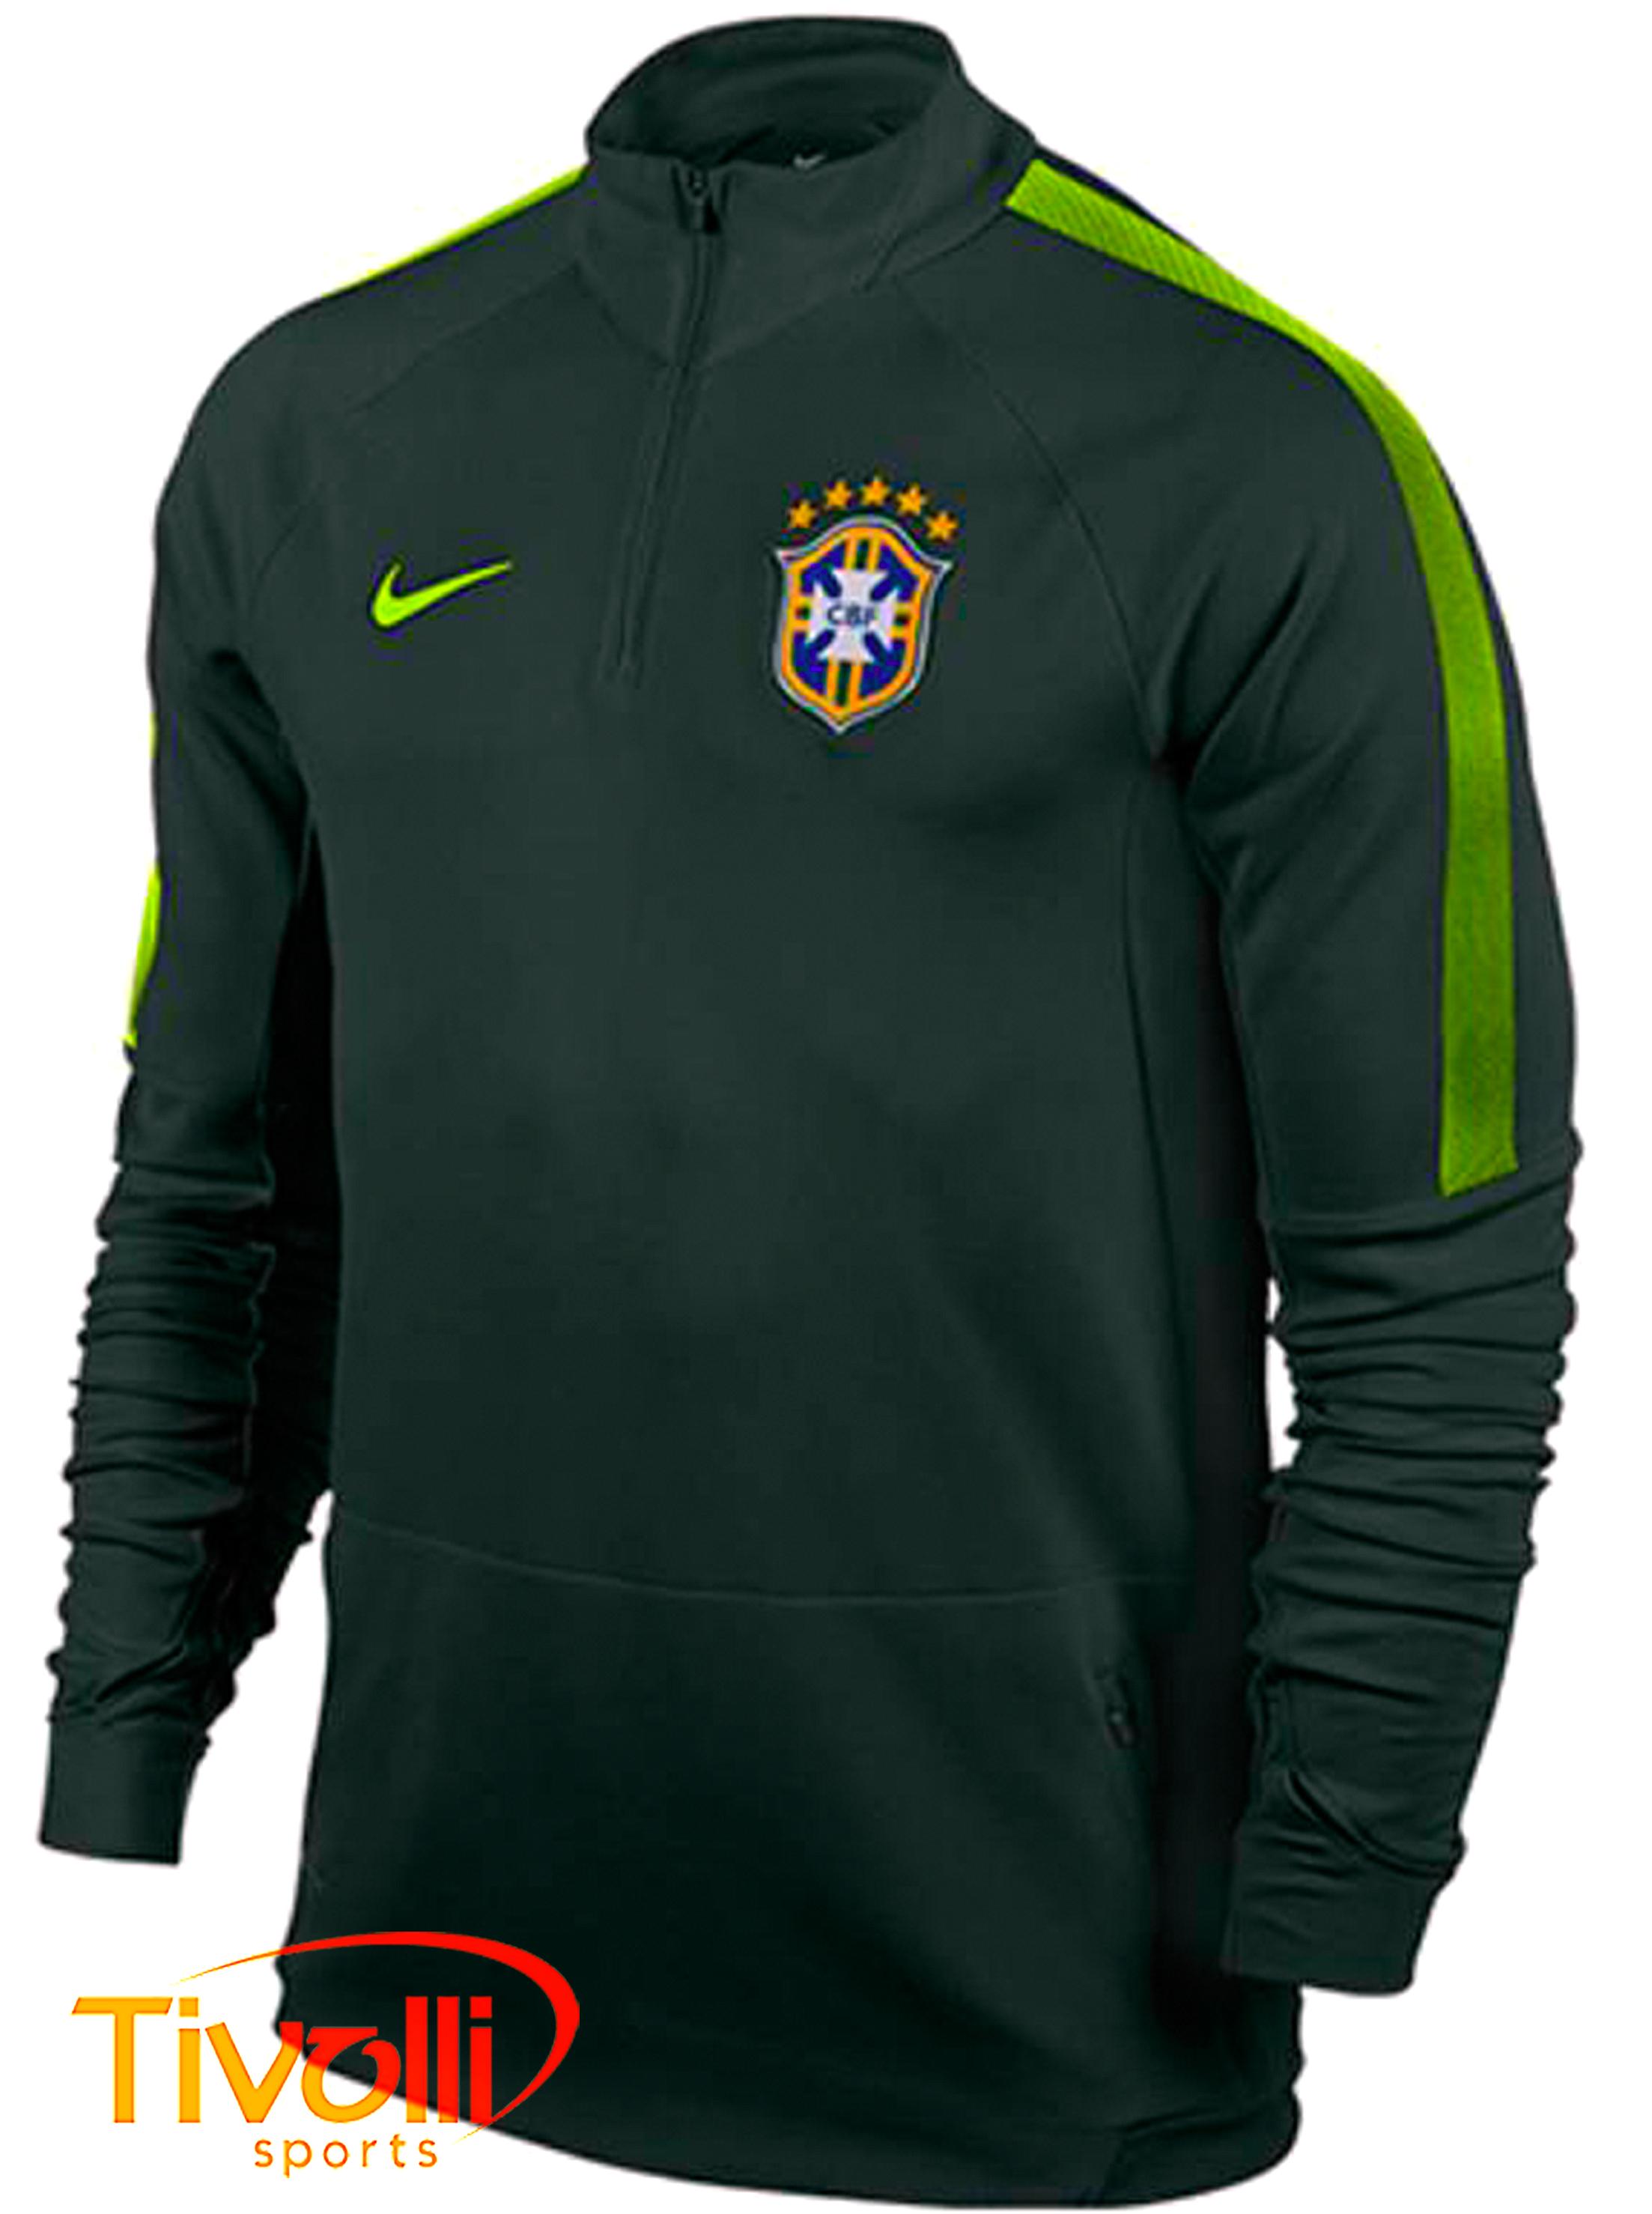 Blusa Nike CBF   Seleção Brasileira treino verde musgo   9da944101159b